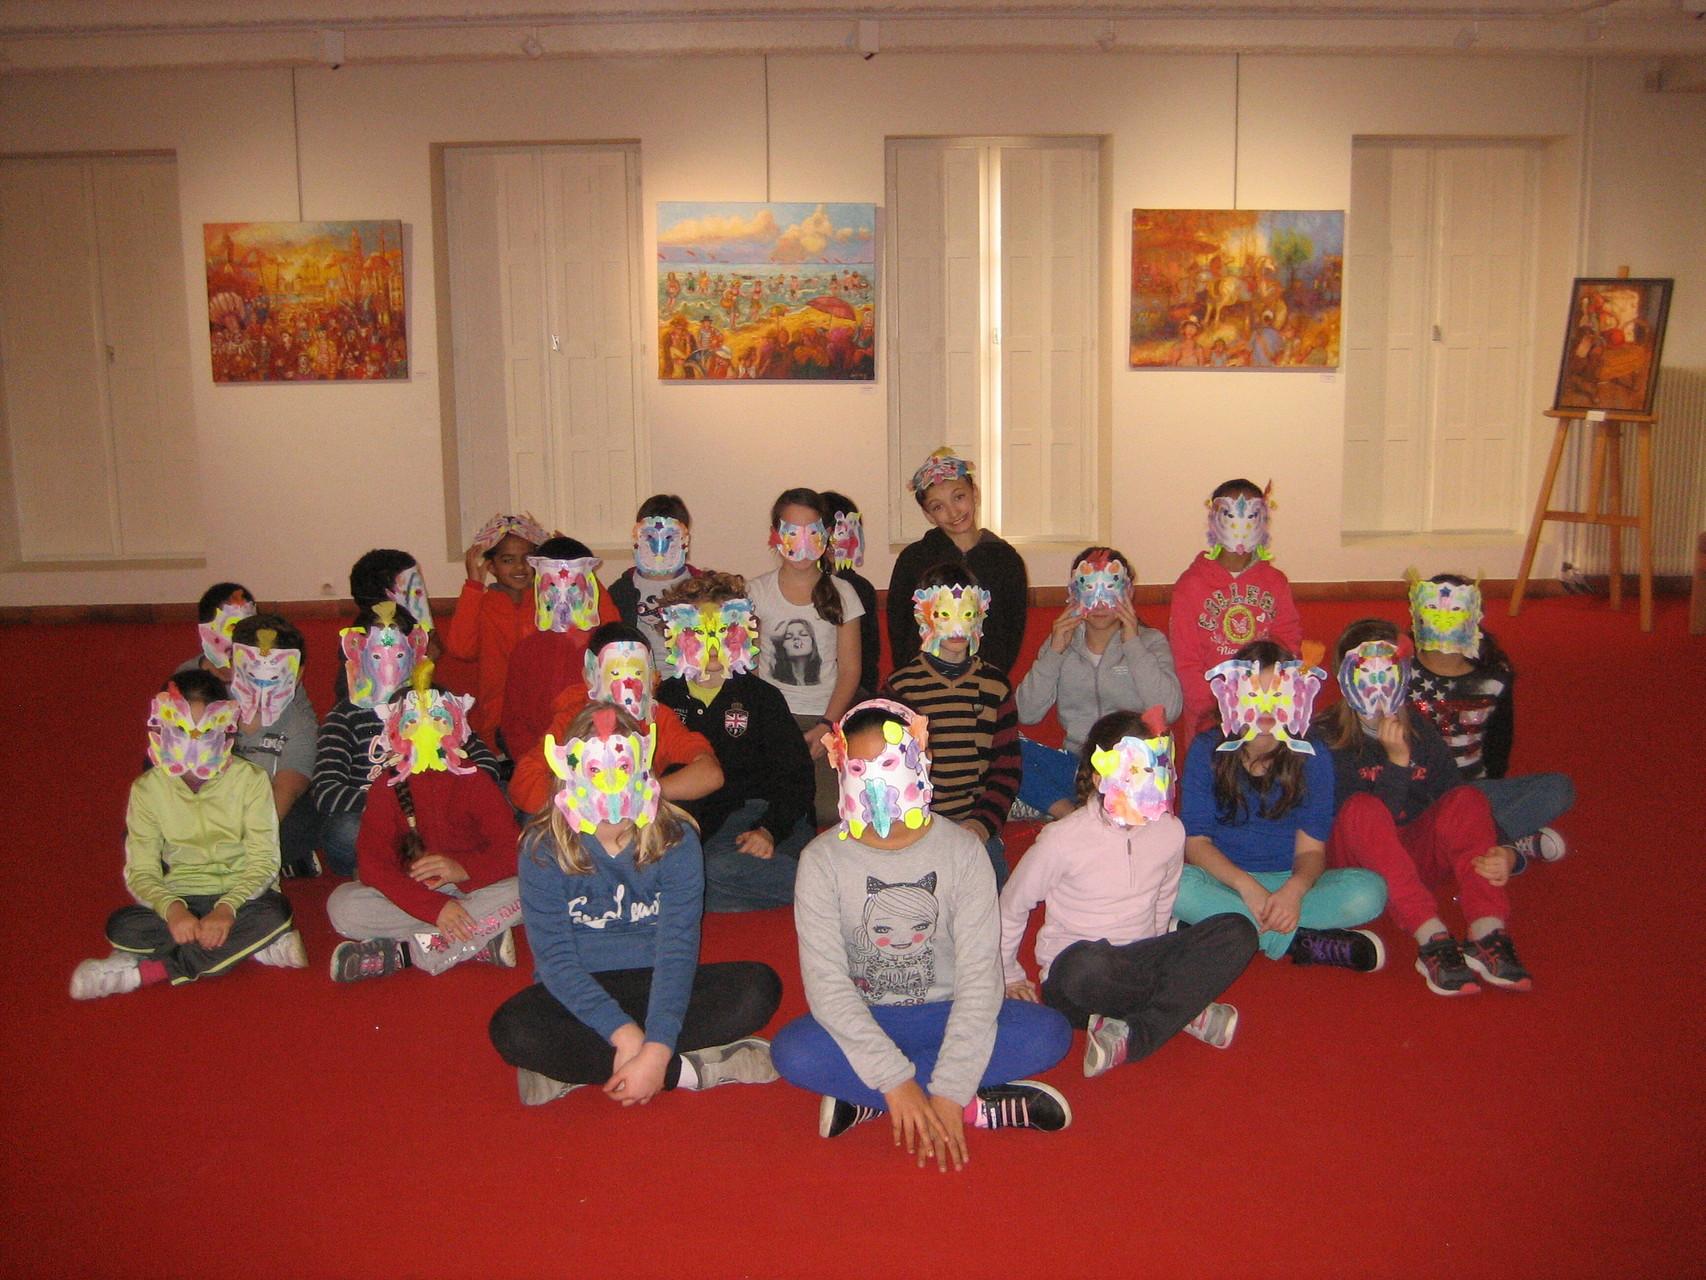 Les enfants ont fabriqué leurs masques dans l'atelier du musée. Ils posent beaucoup de questions avisées au peintre. Ecole Moustier.